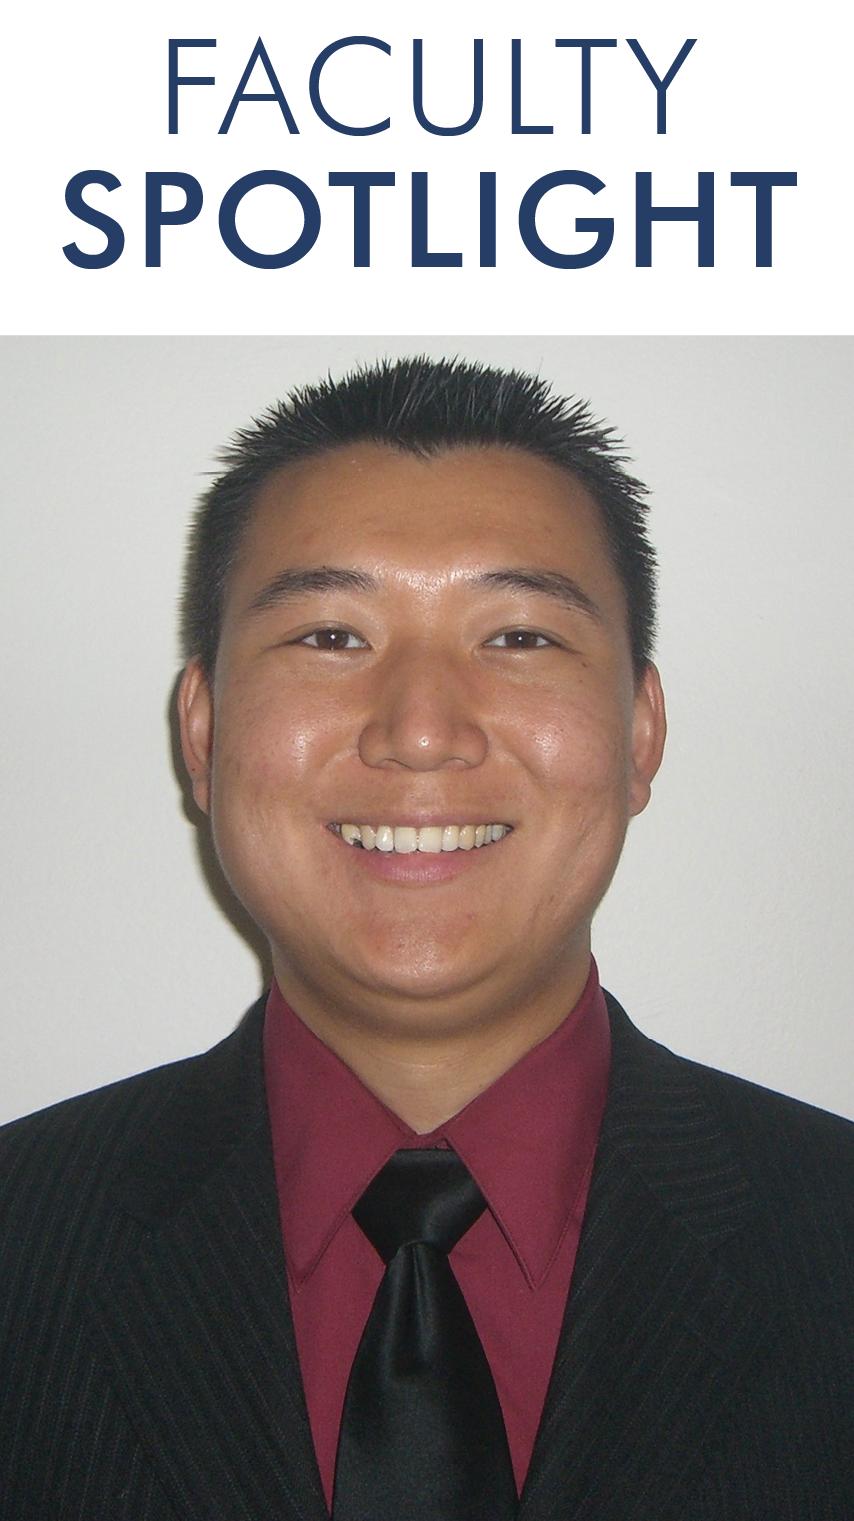 Faculty Spotlight - Ray Zuo, MD